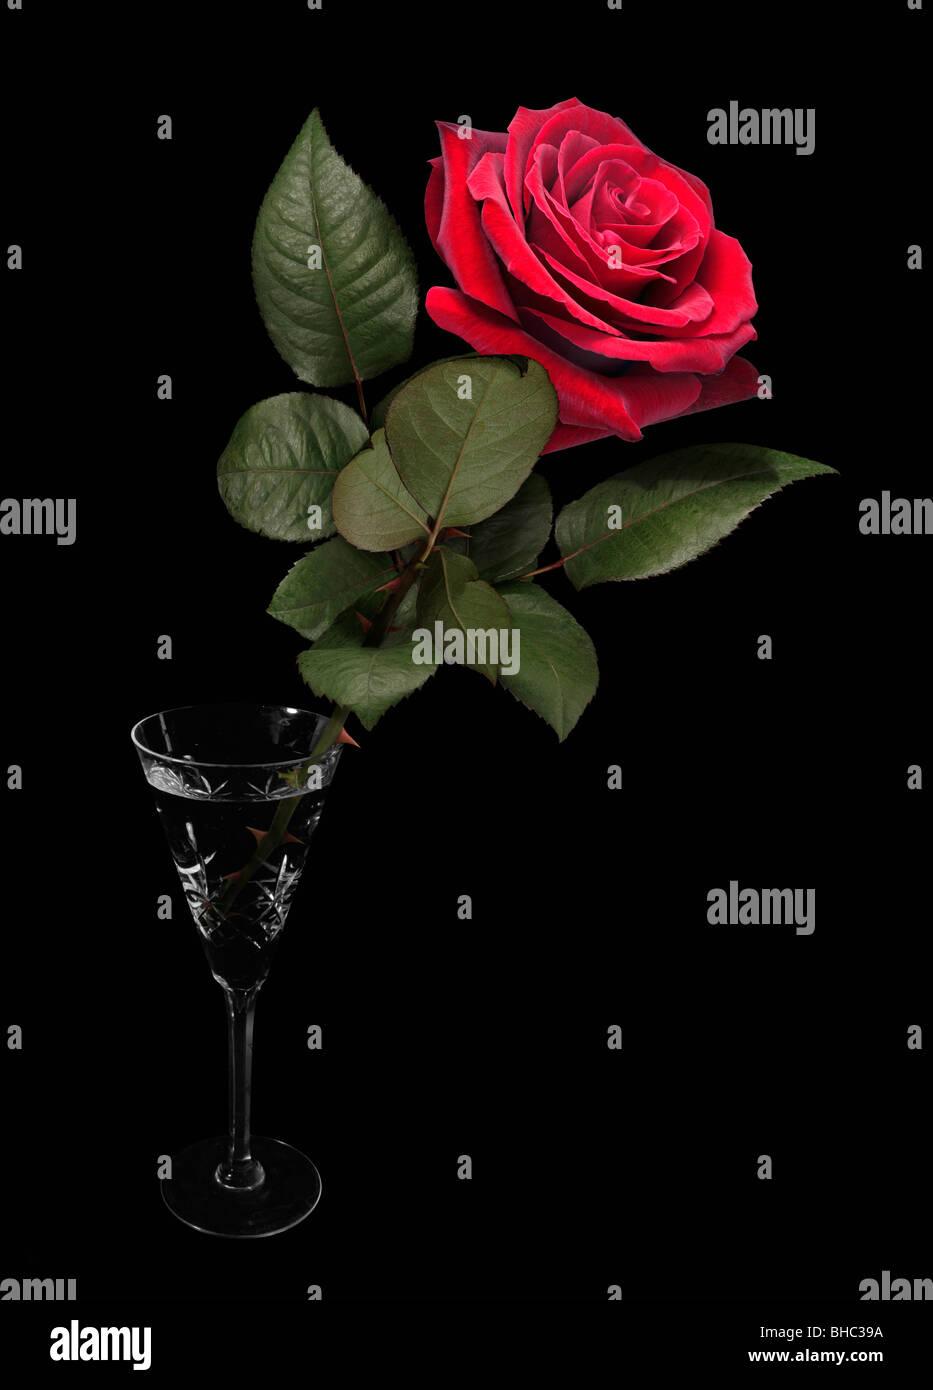 Rosa Rossa In Un Bicchiere Con Sfondo Nero Foto Immagine Stock